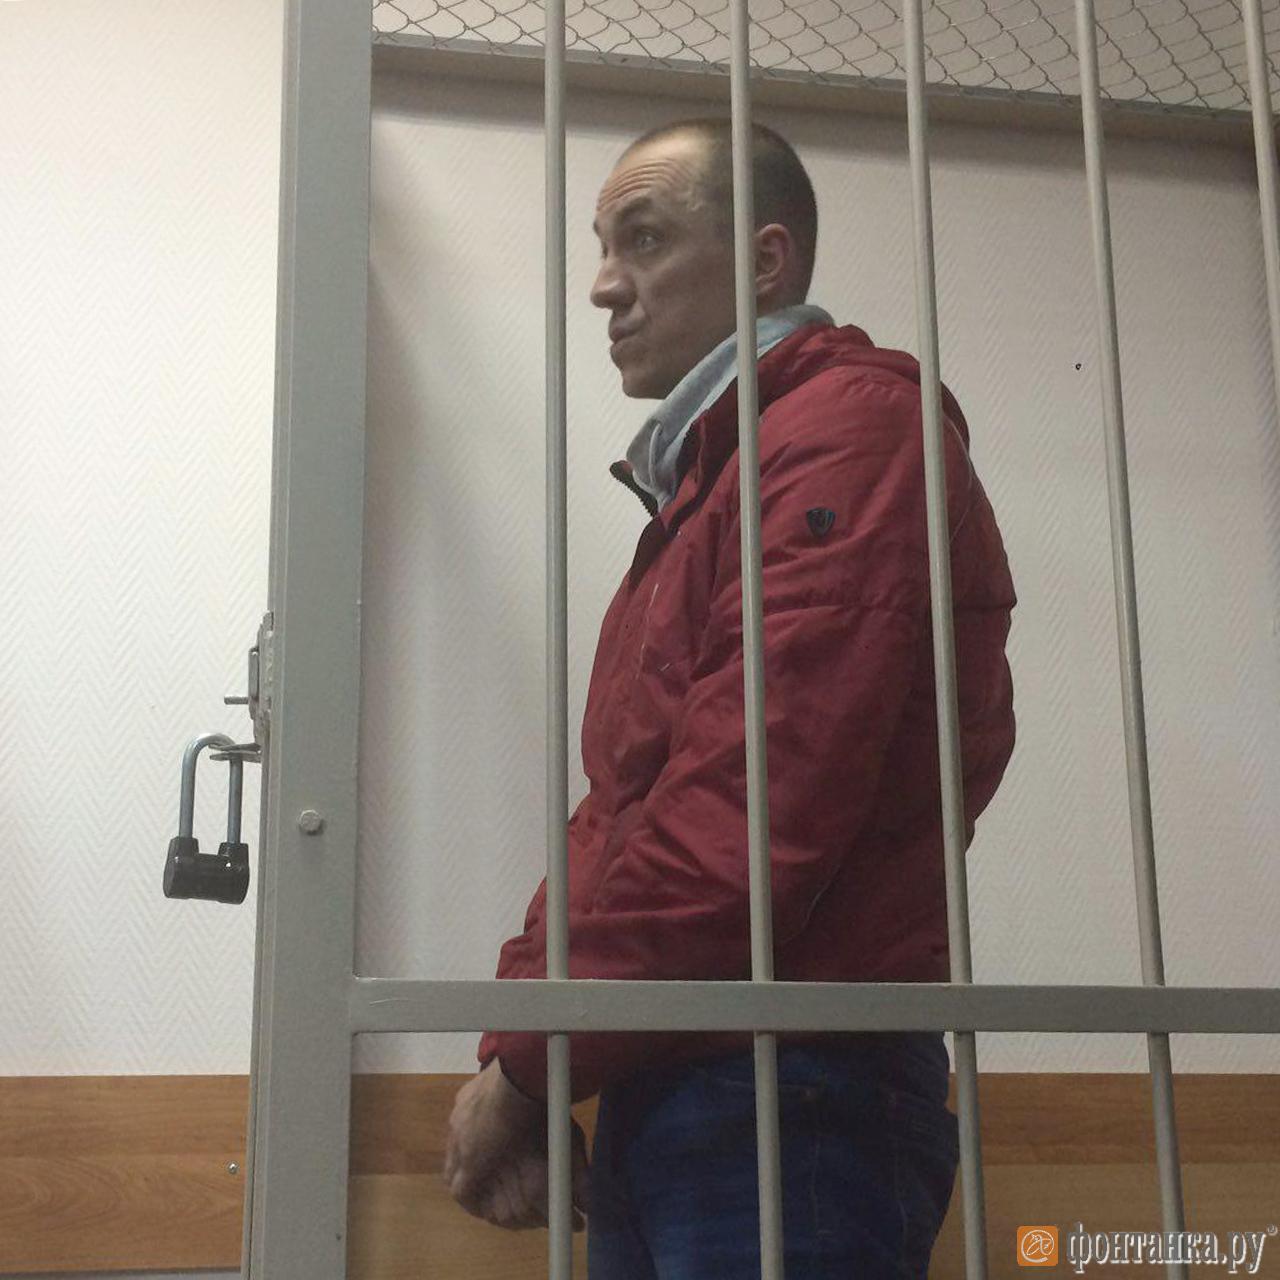 Опер Артемьев оправдан в убийстве осведомителя (Иллюстрация 1 из 1) (Фото: Александр Ермаков)